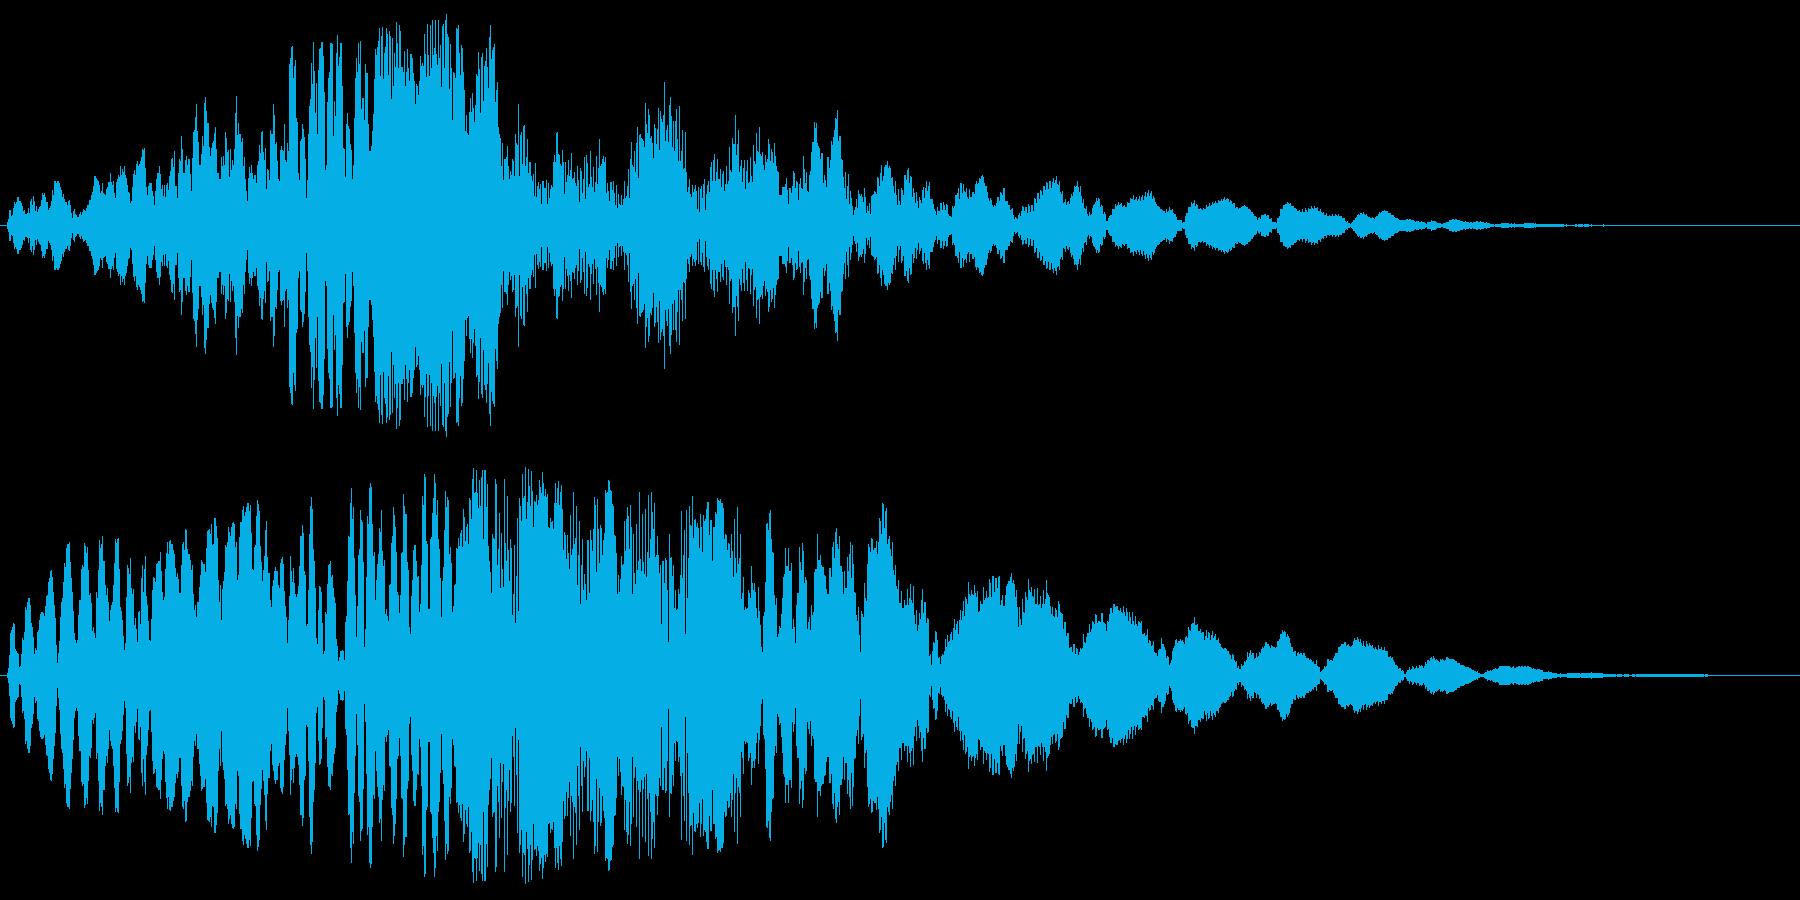 宇宙を思わせる近未来的な音の再生済みの波形